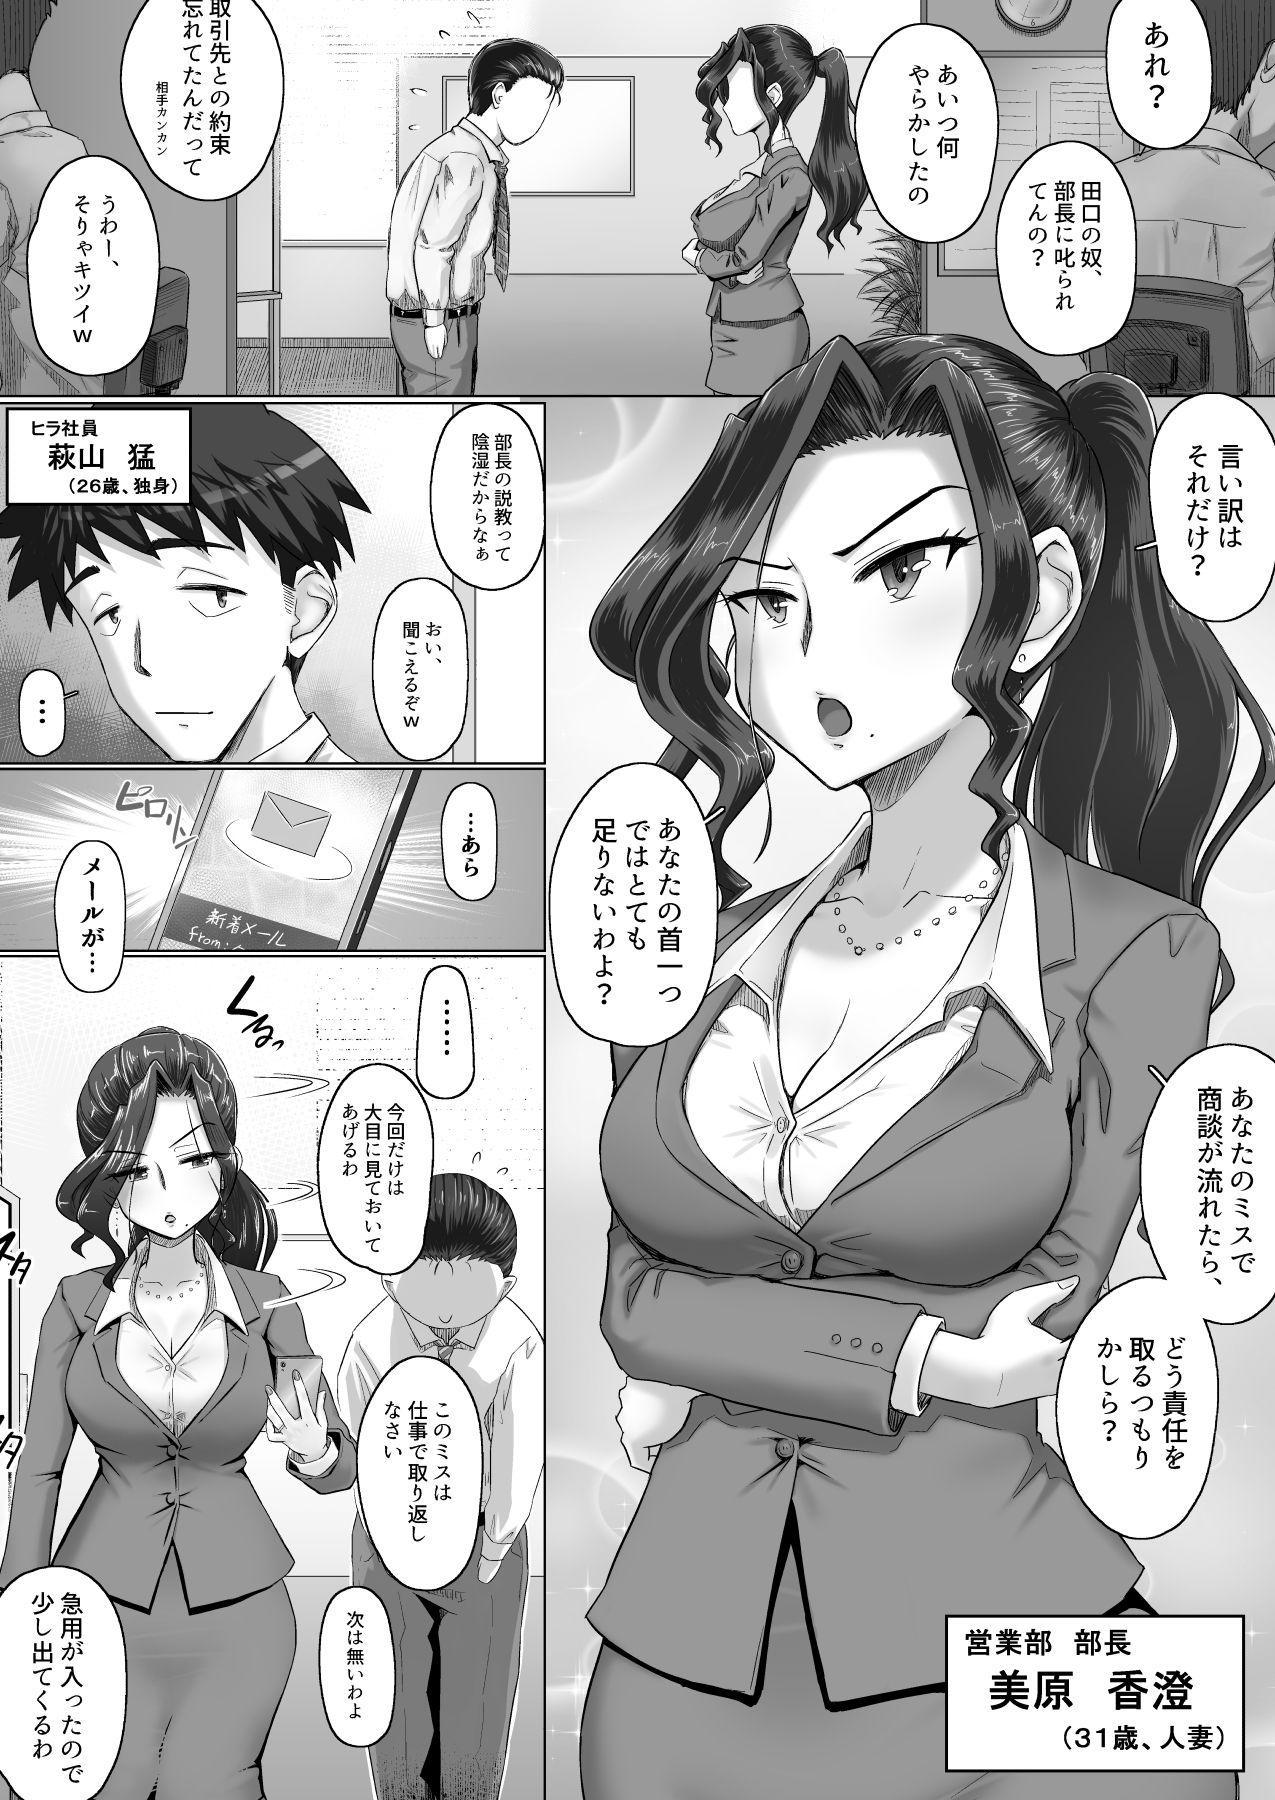 [Urayoroduya (Yoroduya Hyakuhachi)] Ki no Tsuyoi Onna Joushi (31-sai Hitozuma) Matome 22